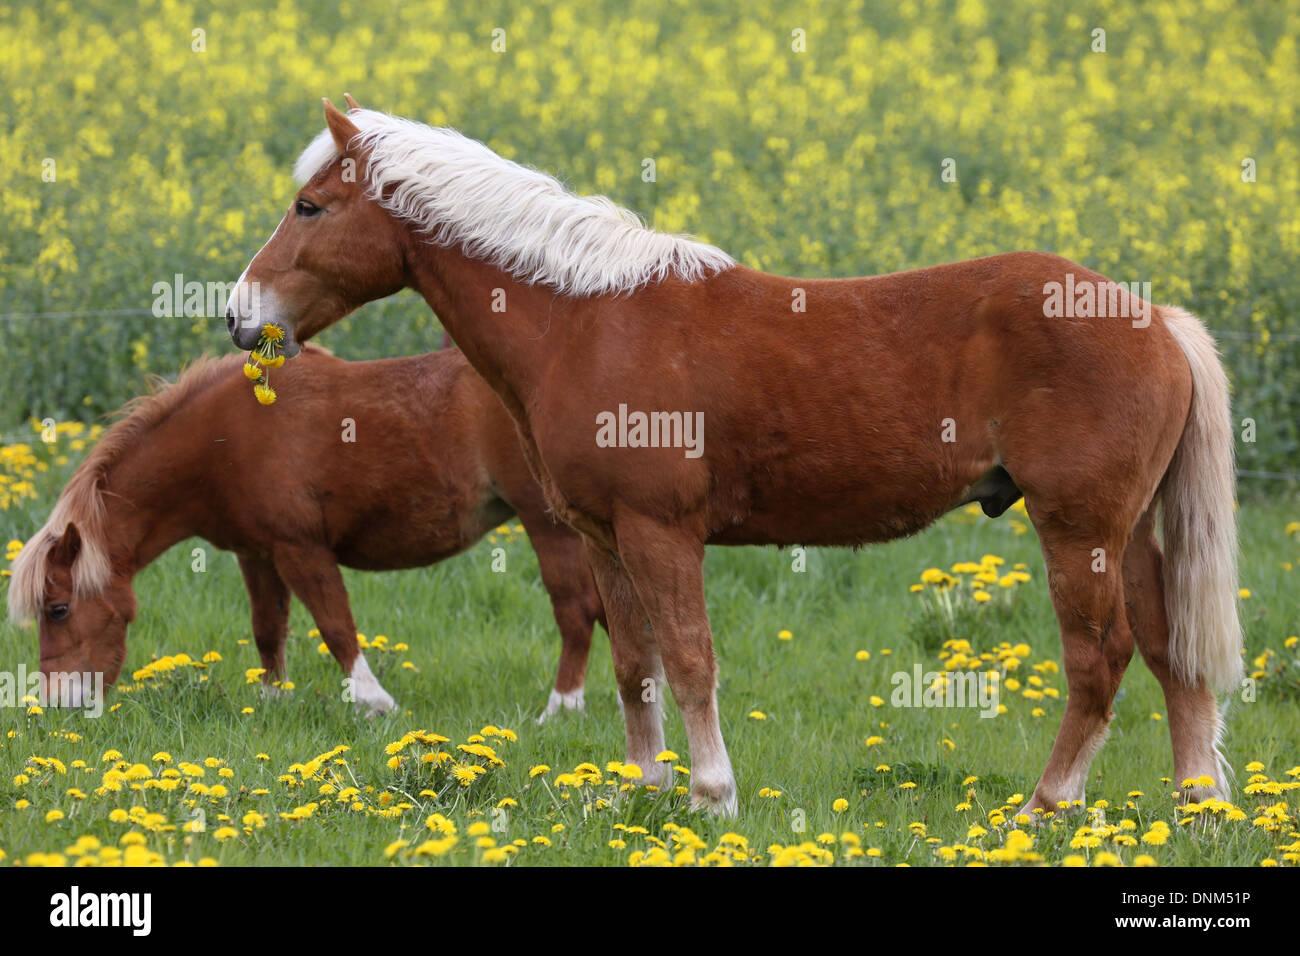 Prangender Dorf, Deutschland und Shetland Pony Haflinger Essen Loewenzahn Stockbild